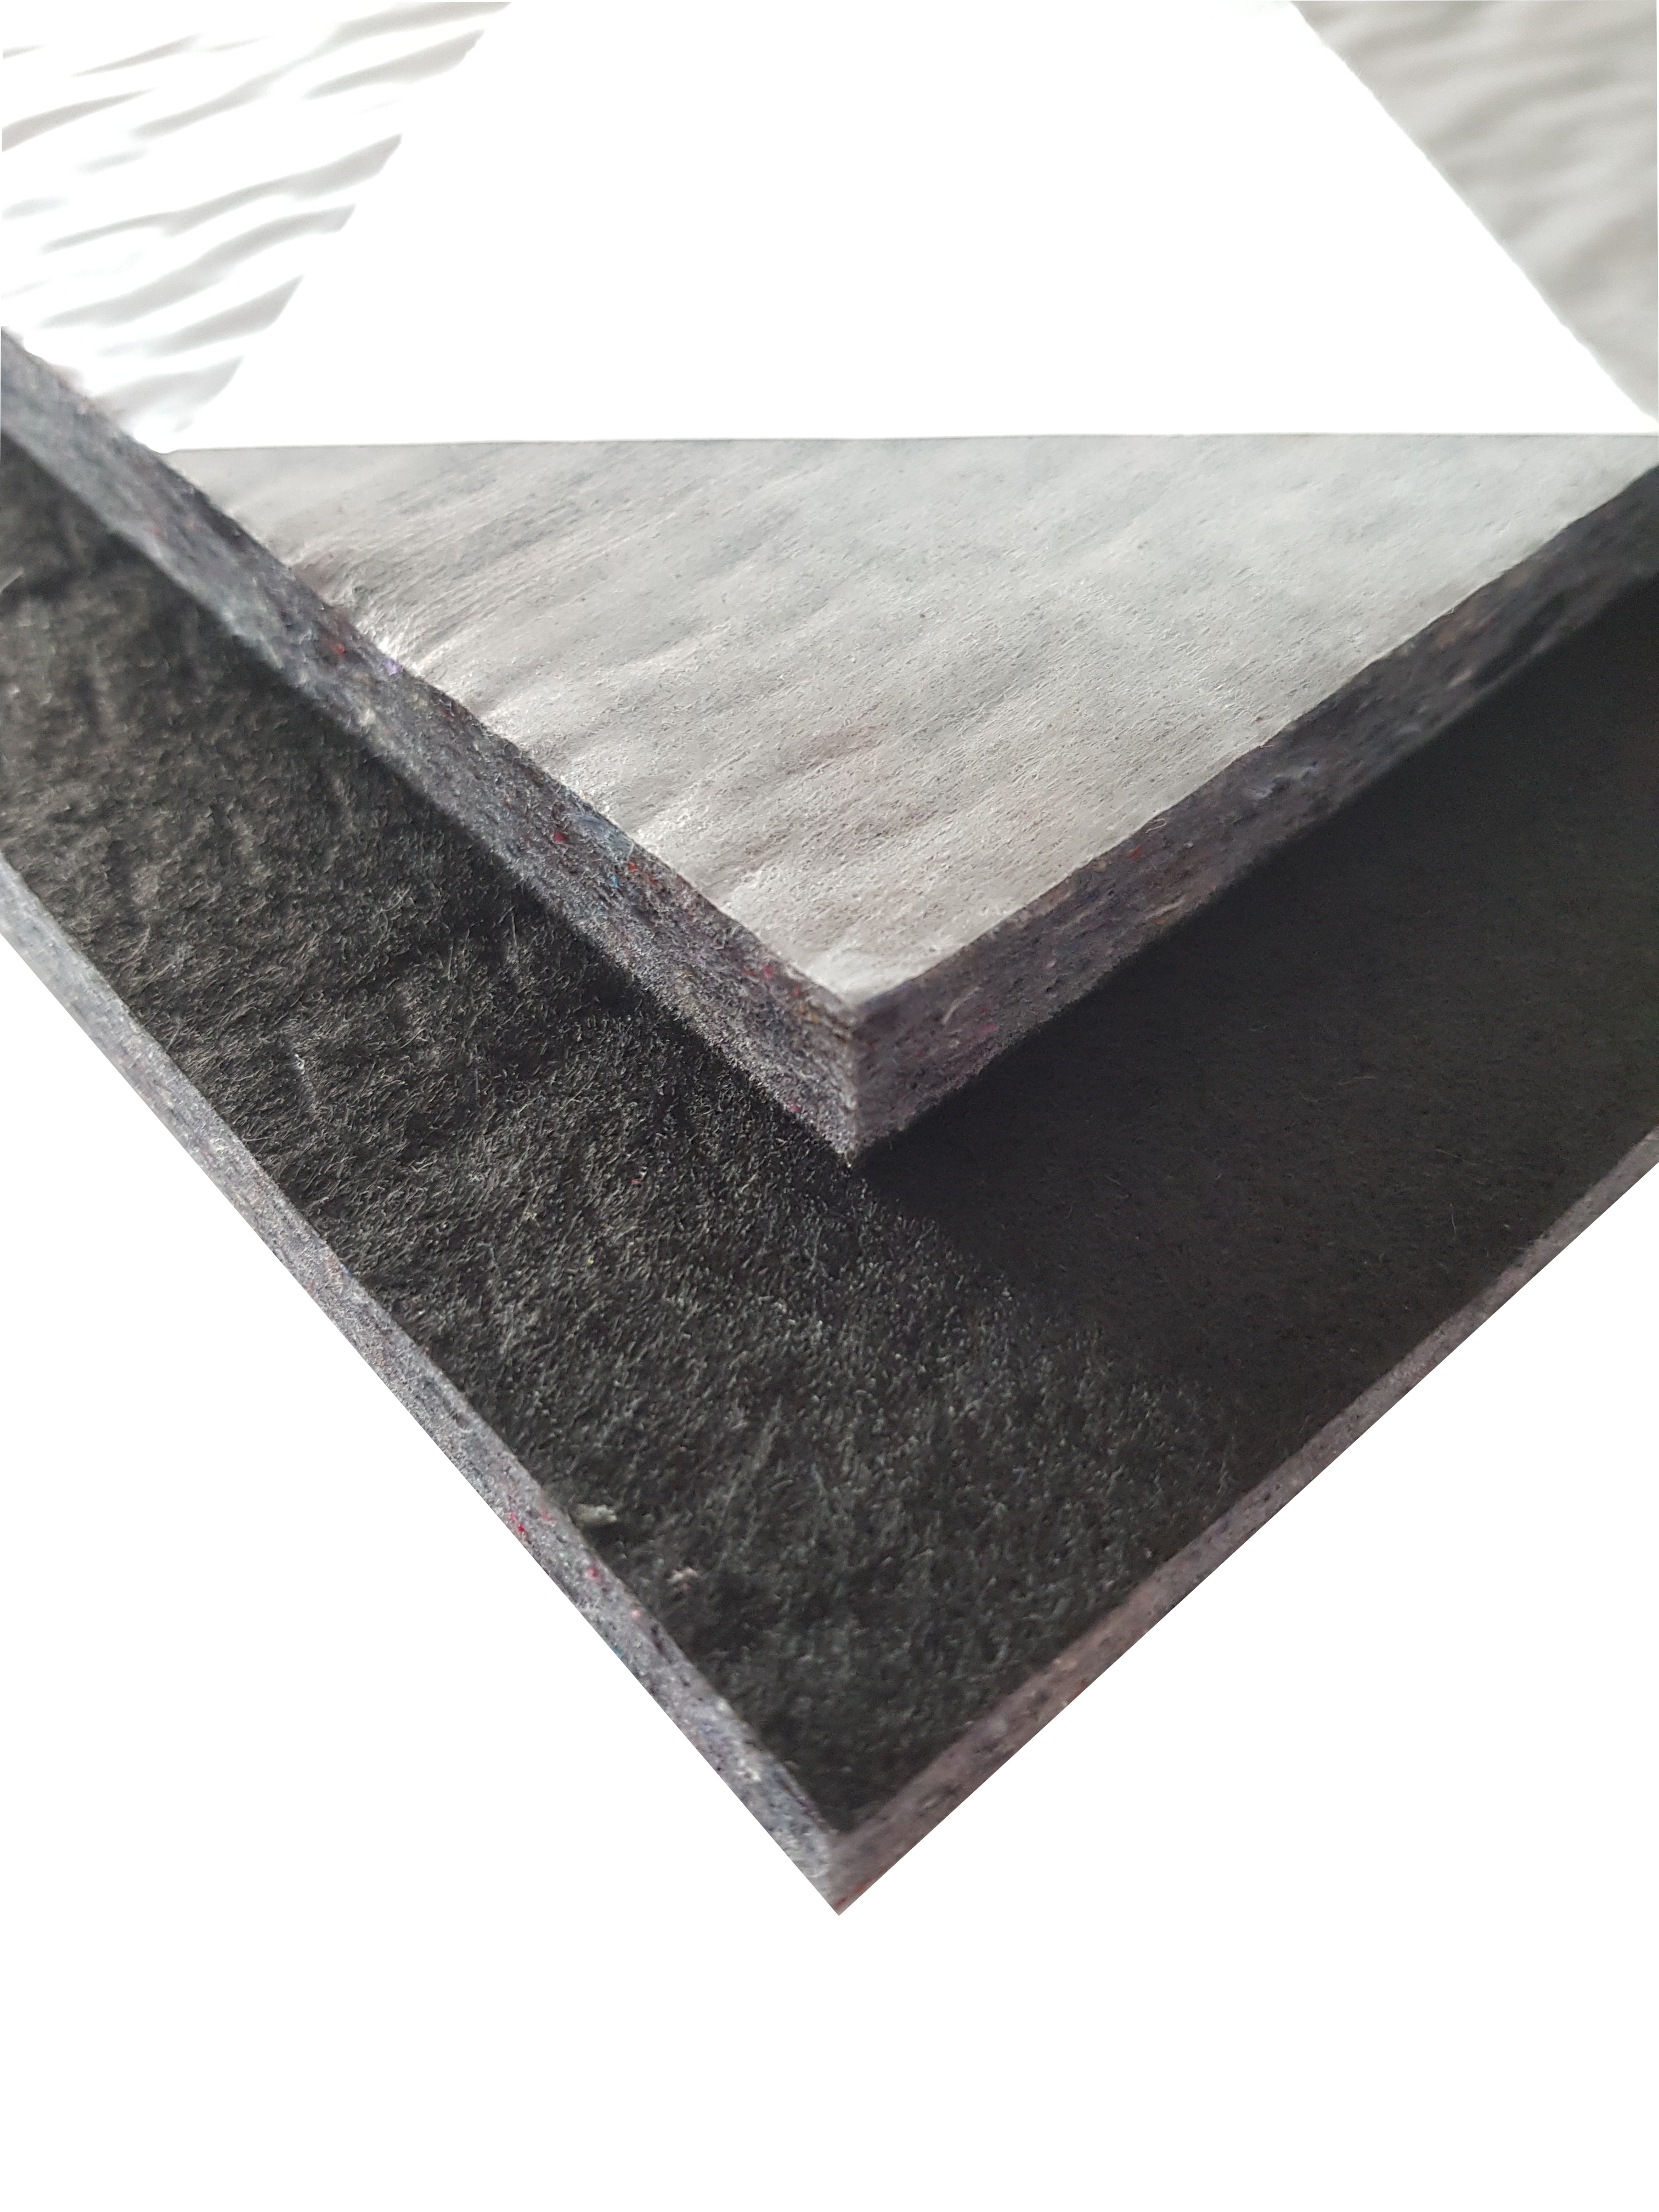 (210) Innenraumdämmung mit schwarzem Abdeckvlies  ca.120 x 60 cm Stärke: ca. 10 mm